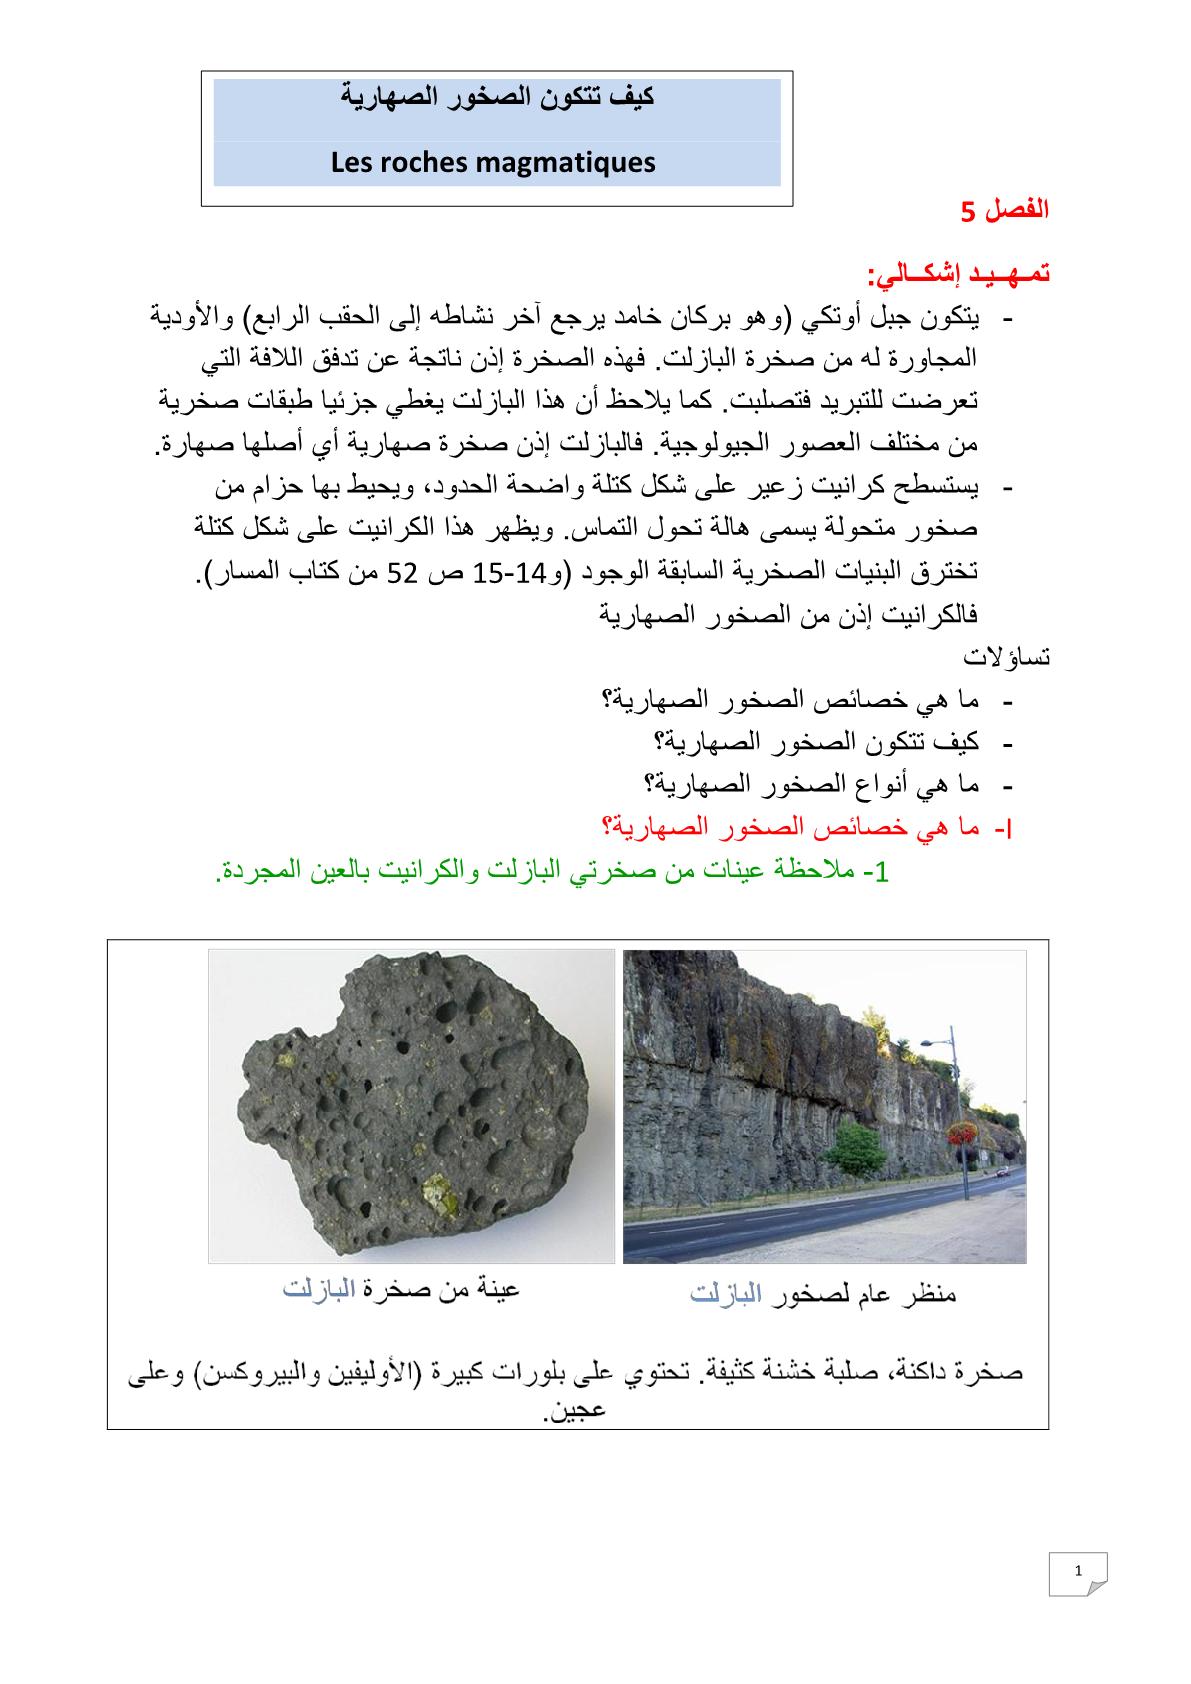 درس تشكل الصخور الصهارية للسنة الثانية إعدادي